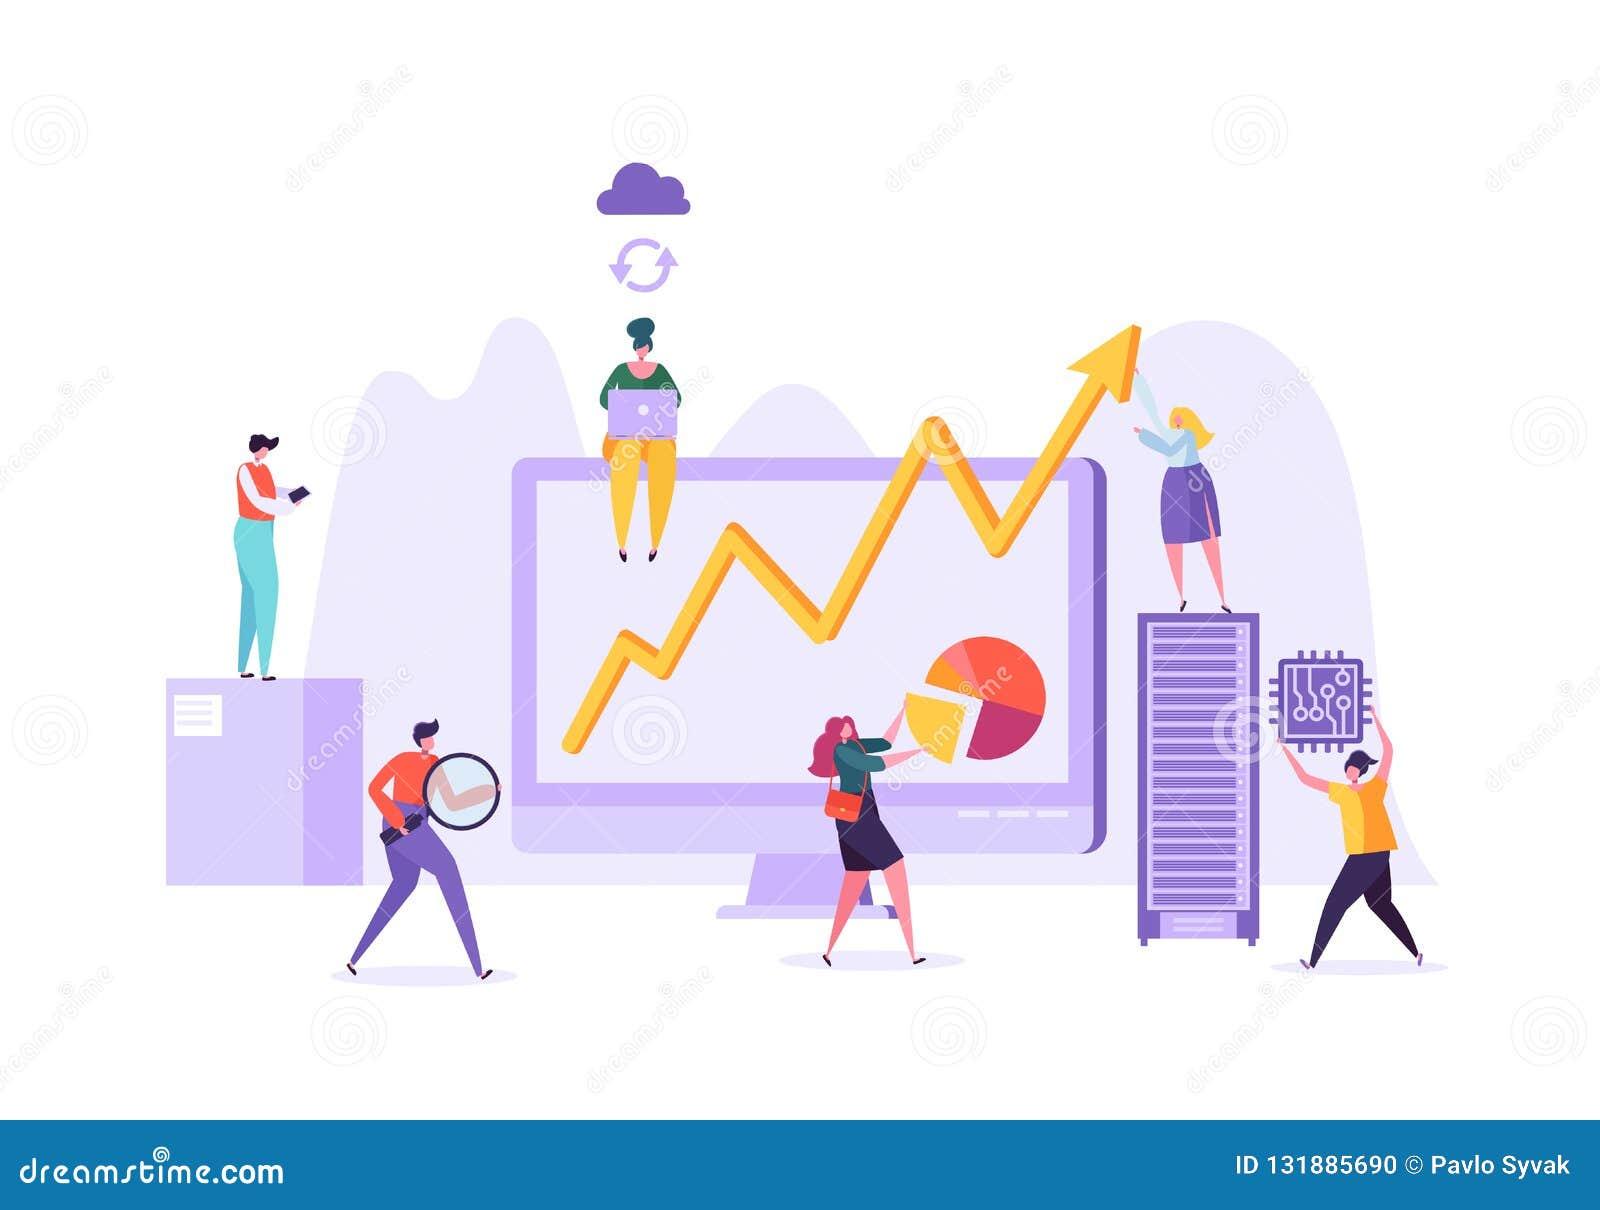 Het Concept van de bedrijfsgegevensanalyse Marketing Strategie, Analytics met Mensenkarakters die Financiële Statistiekengegevens